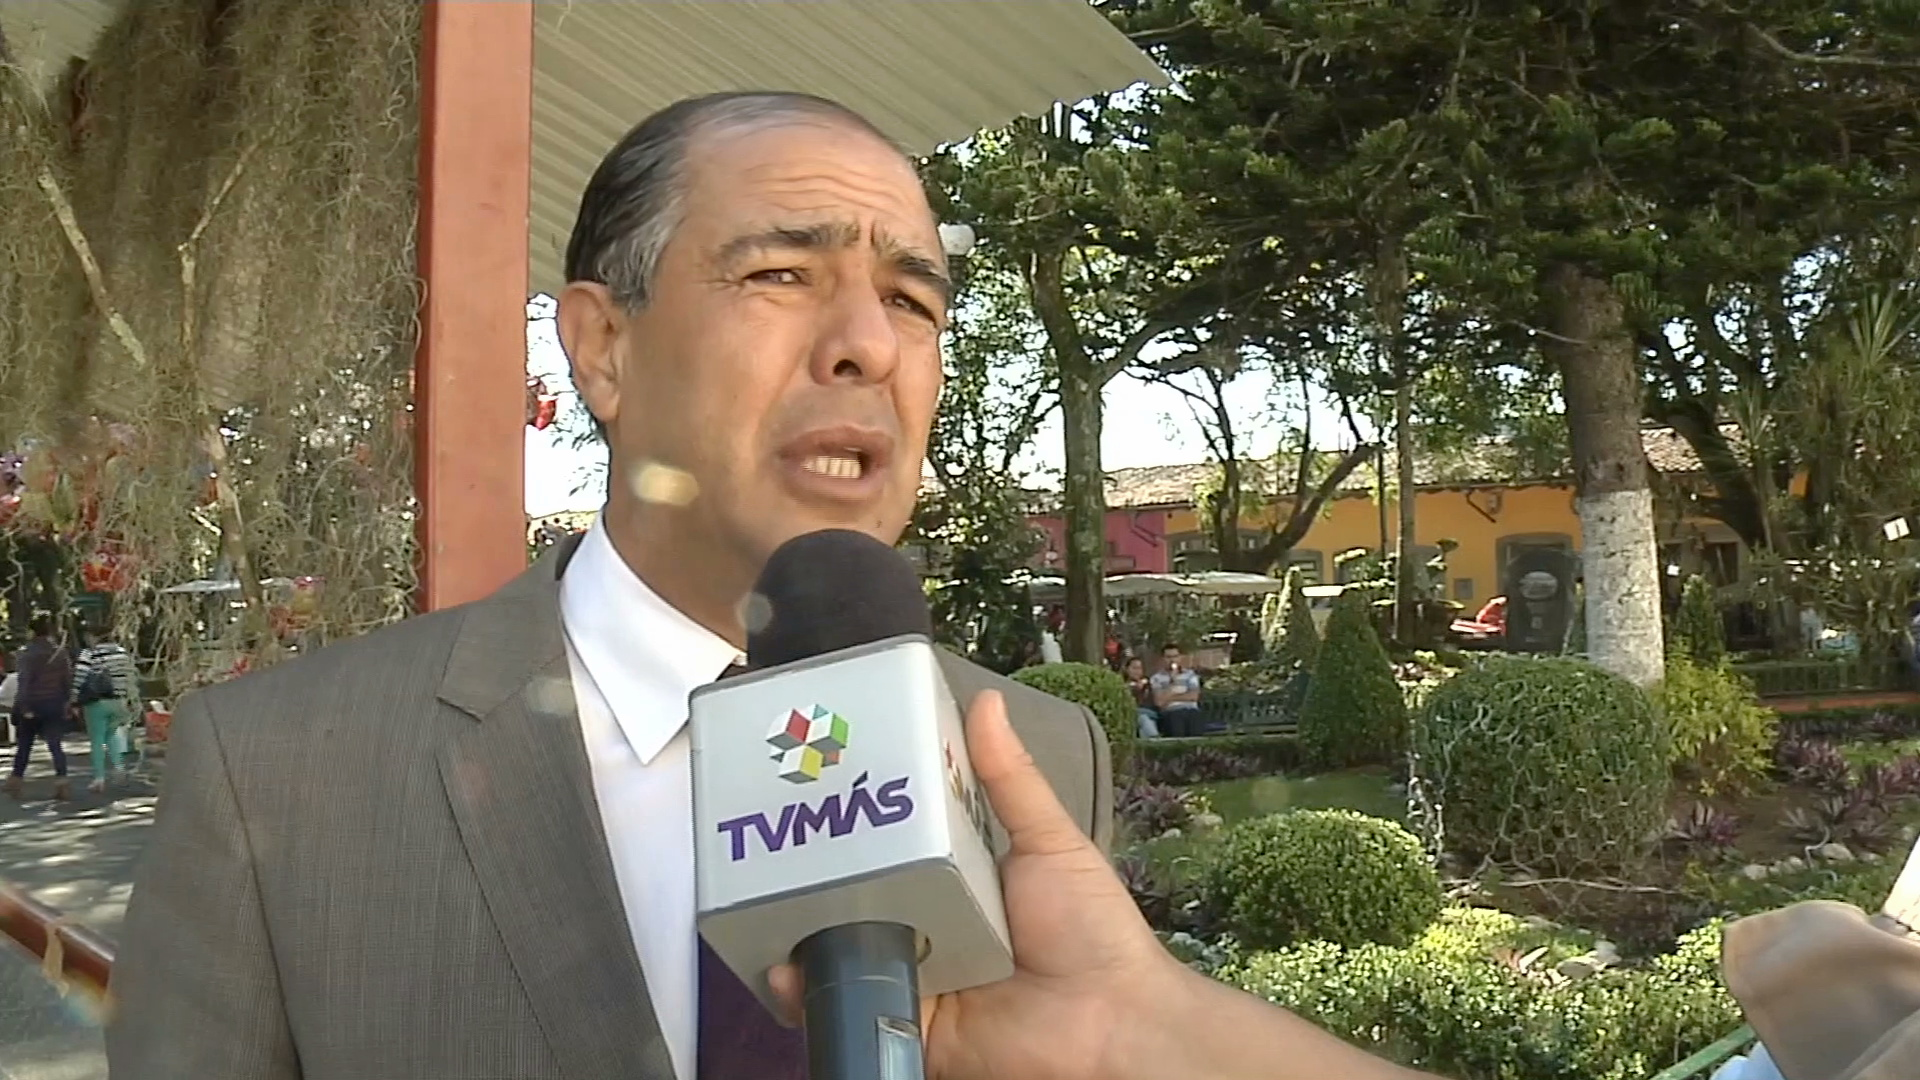 Alcalde de Coatepec tendrá oportunidad de presentar pruebas en su defensa